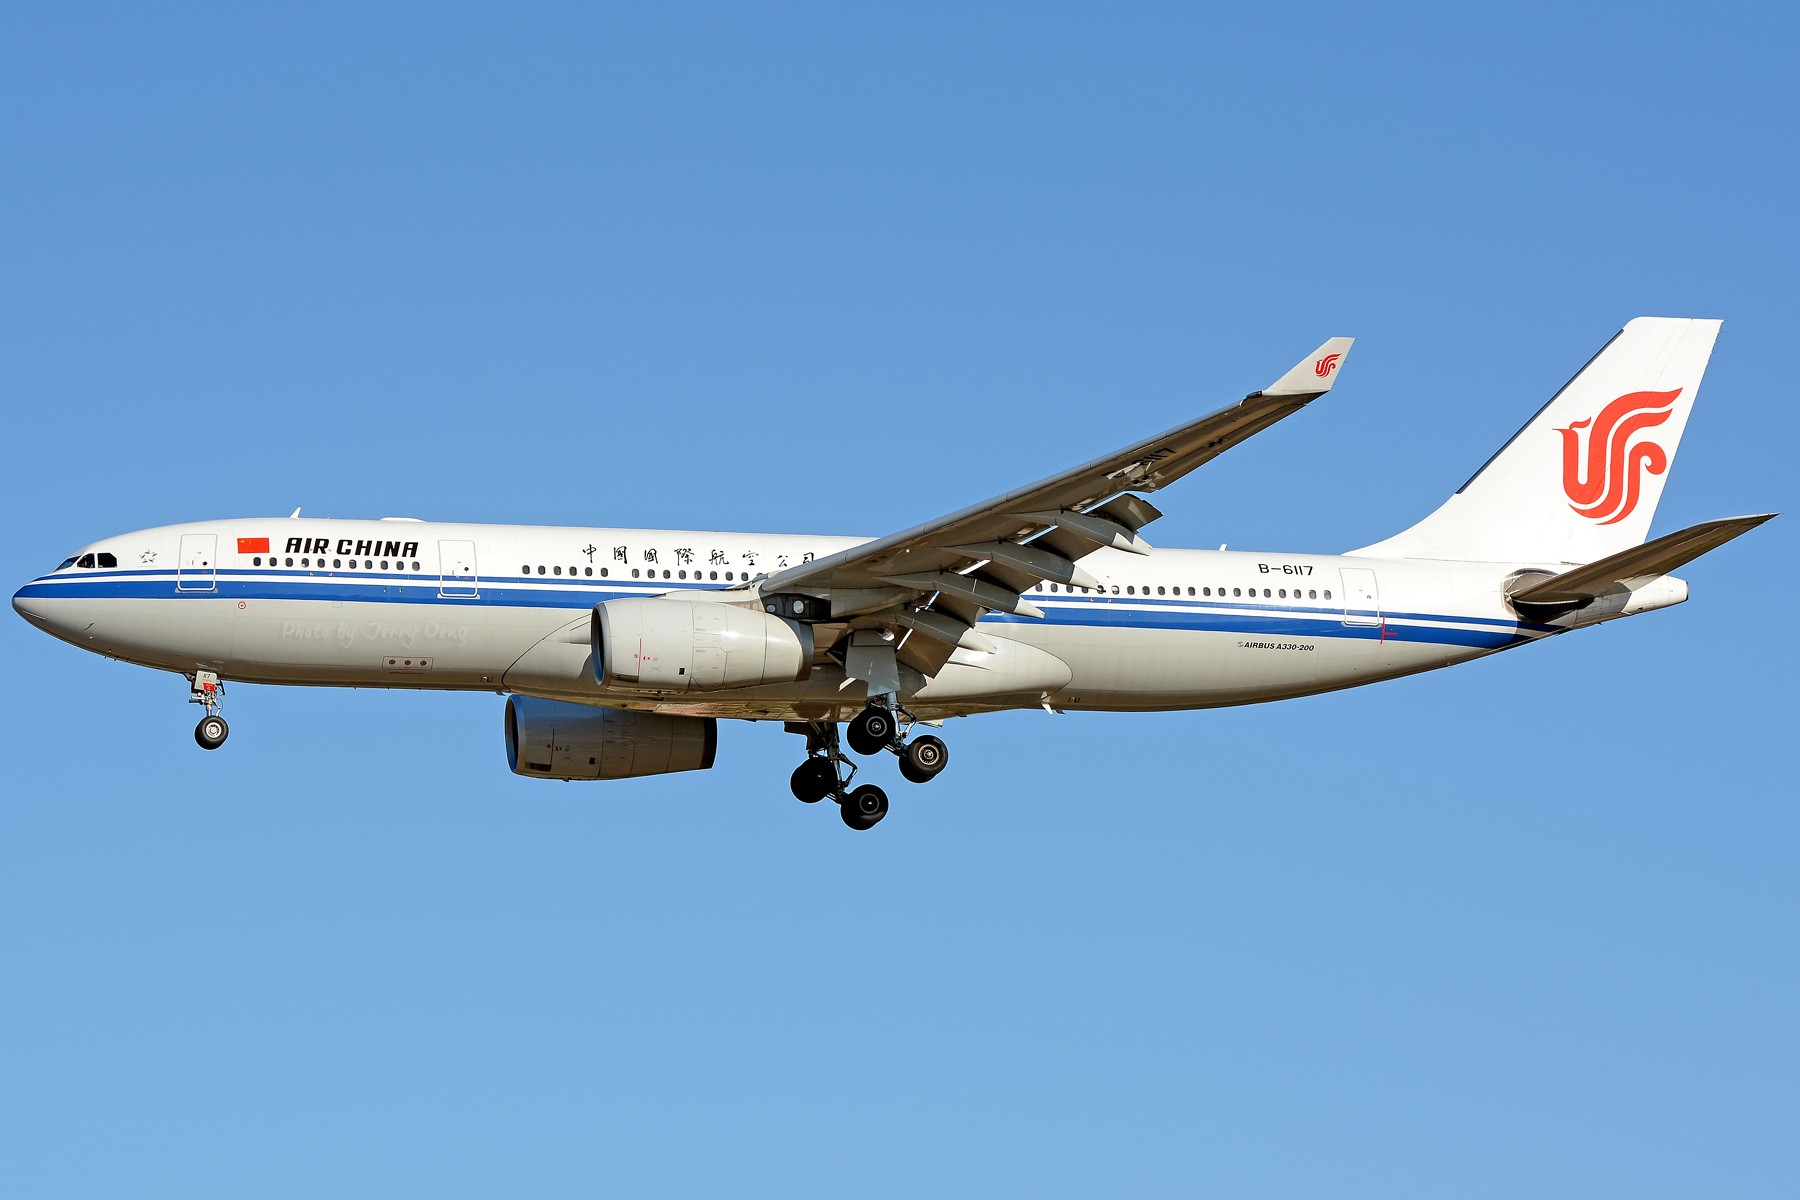 Re:[原创]【多图党】PEK落地一组国航系【2】 AIRBUS A330-200 B-6117 中国北京首都国际机场